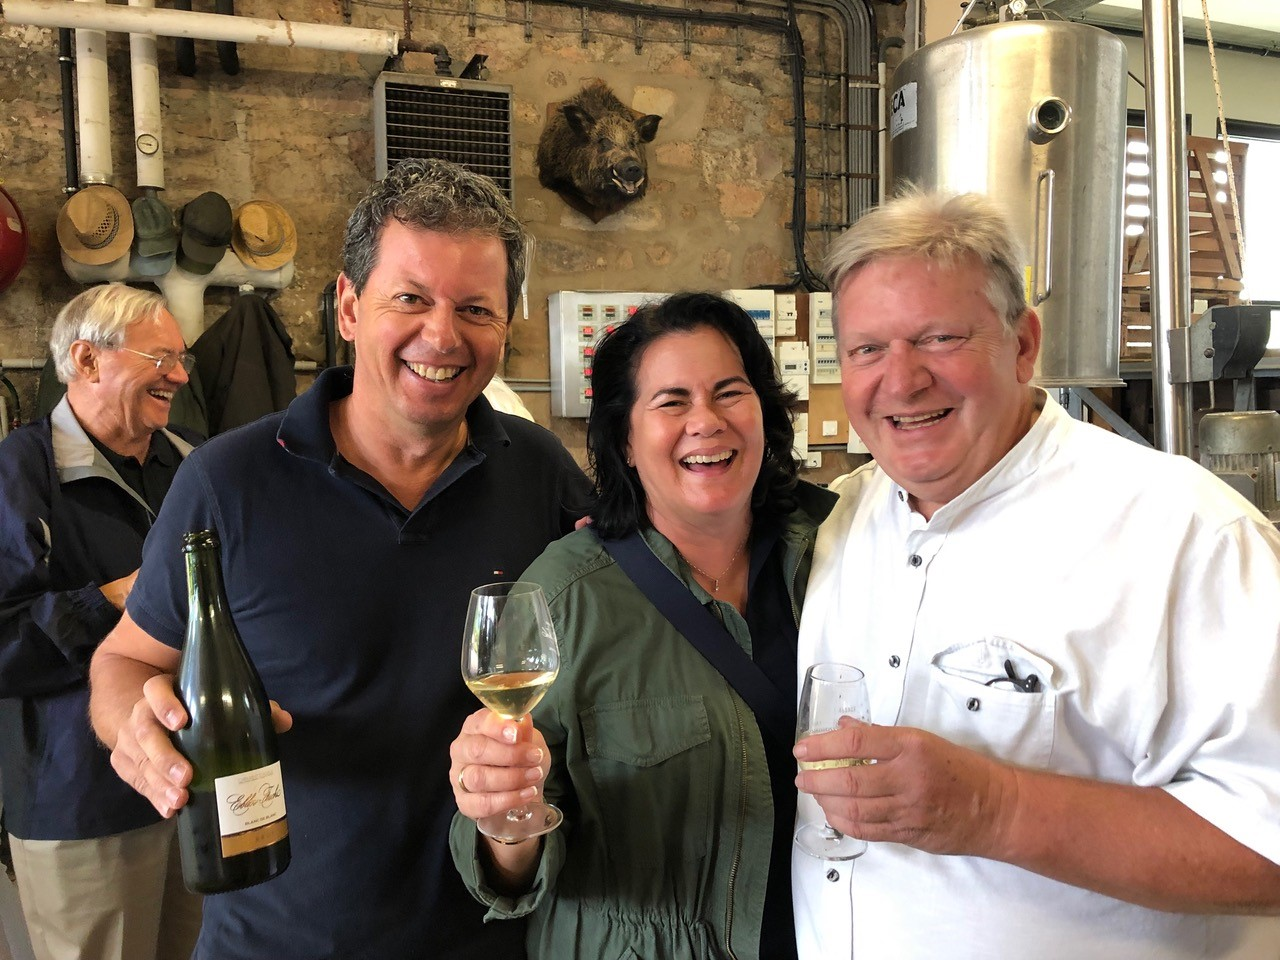 Guests tasting wine